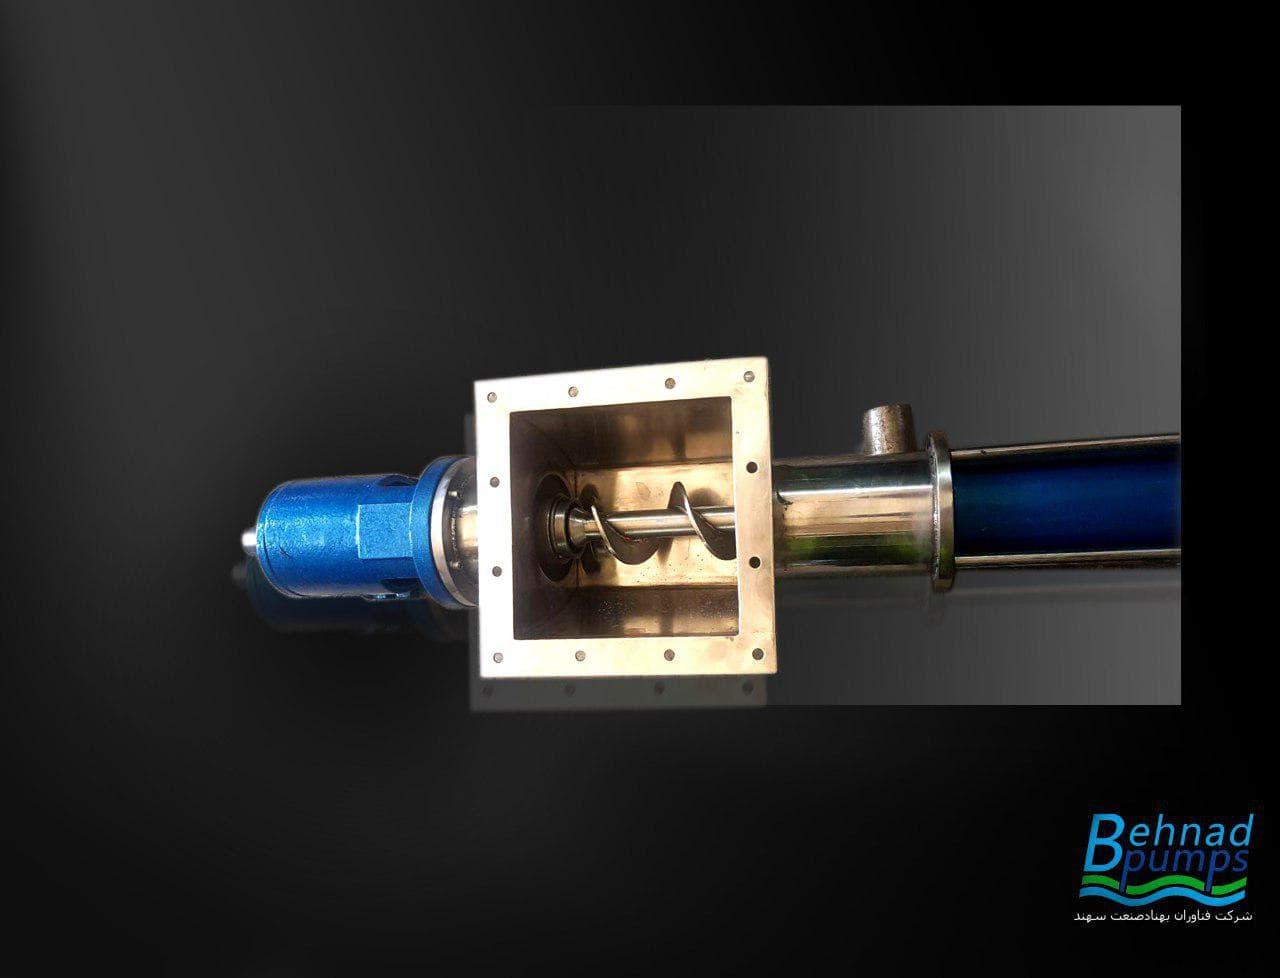 مونو پمپ بهناد جهت انتقال خامه, مونو پمپ,فناوران بهناد صنعت سهند,behnad pumps,روتور,استاتور,بهناد پمپ